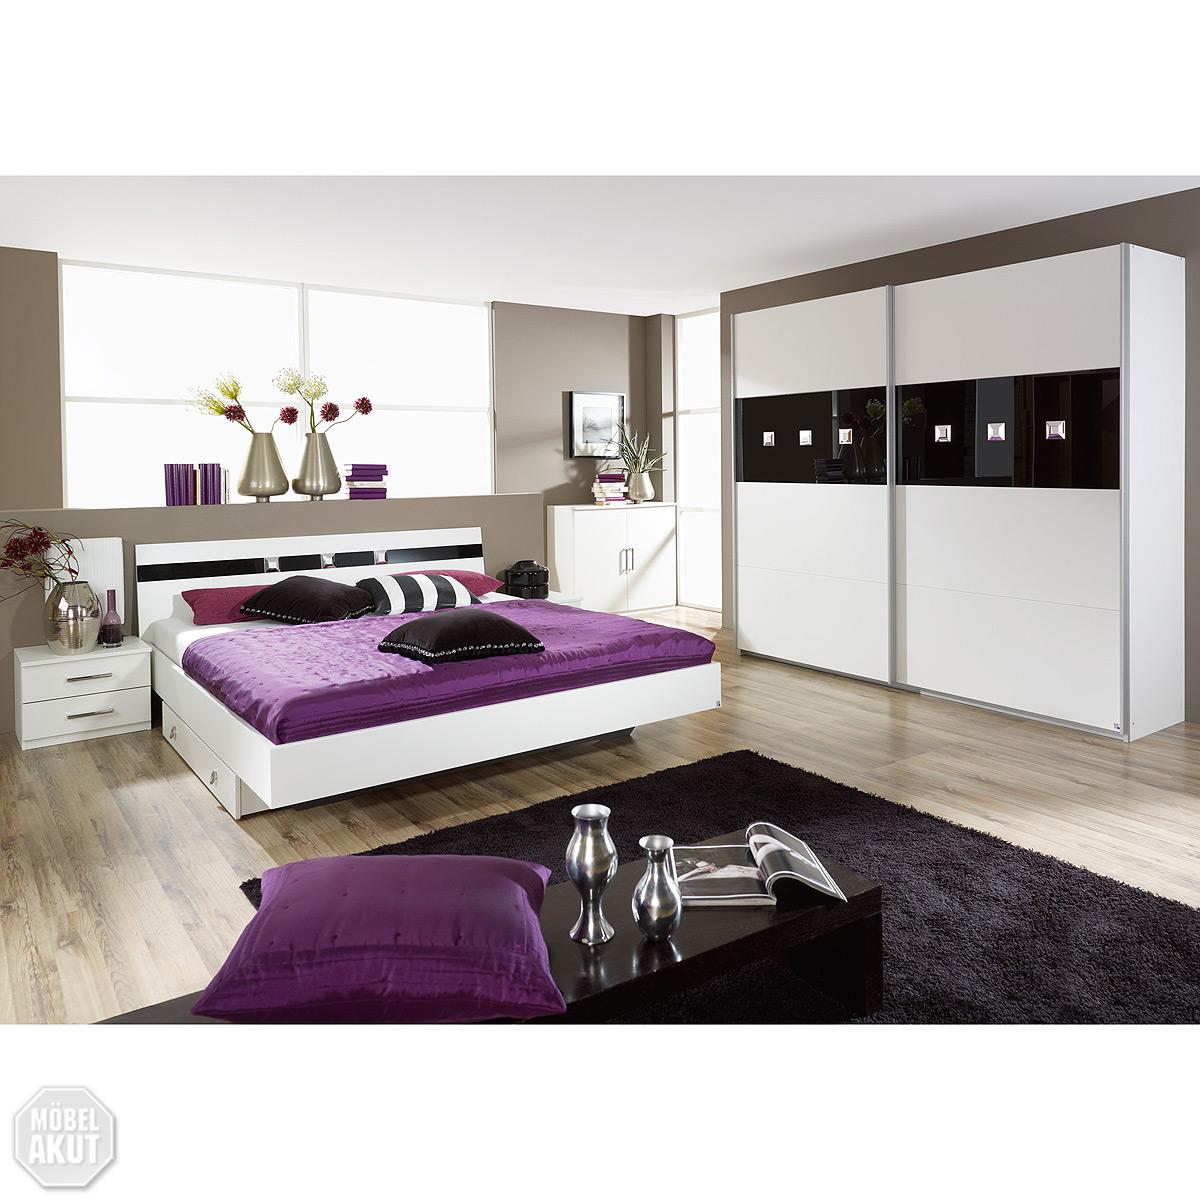 Schlafzimmer Bett Ebay Kleinanzeigen